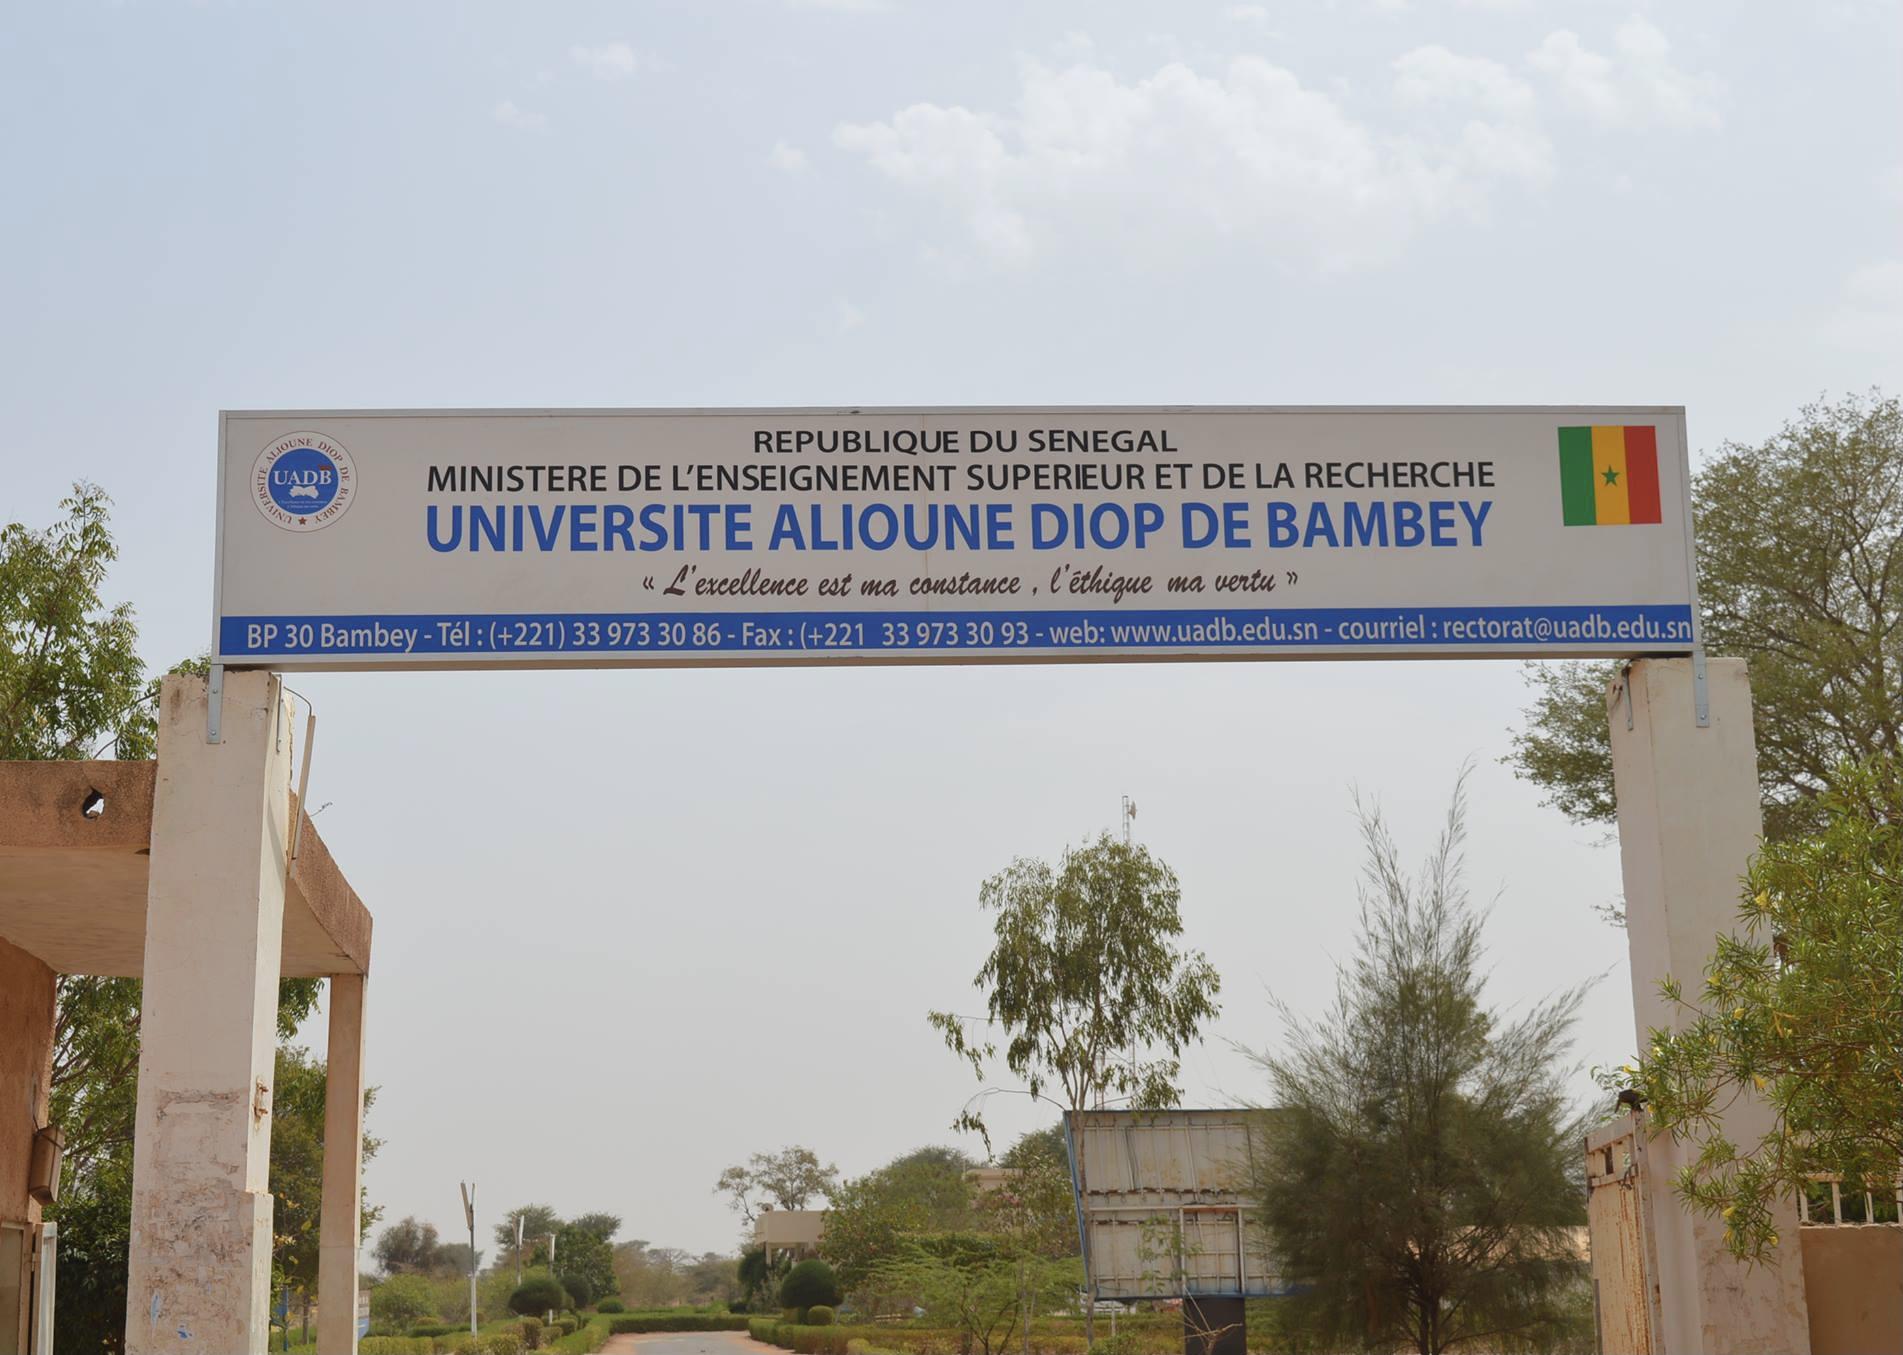 Université Alioune Diop de Bambey : Suspension des cours et examens jusqu'au 4 octobre, dissolution de la Coordination des étudiants et des amicales des UFR